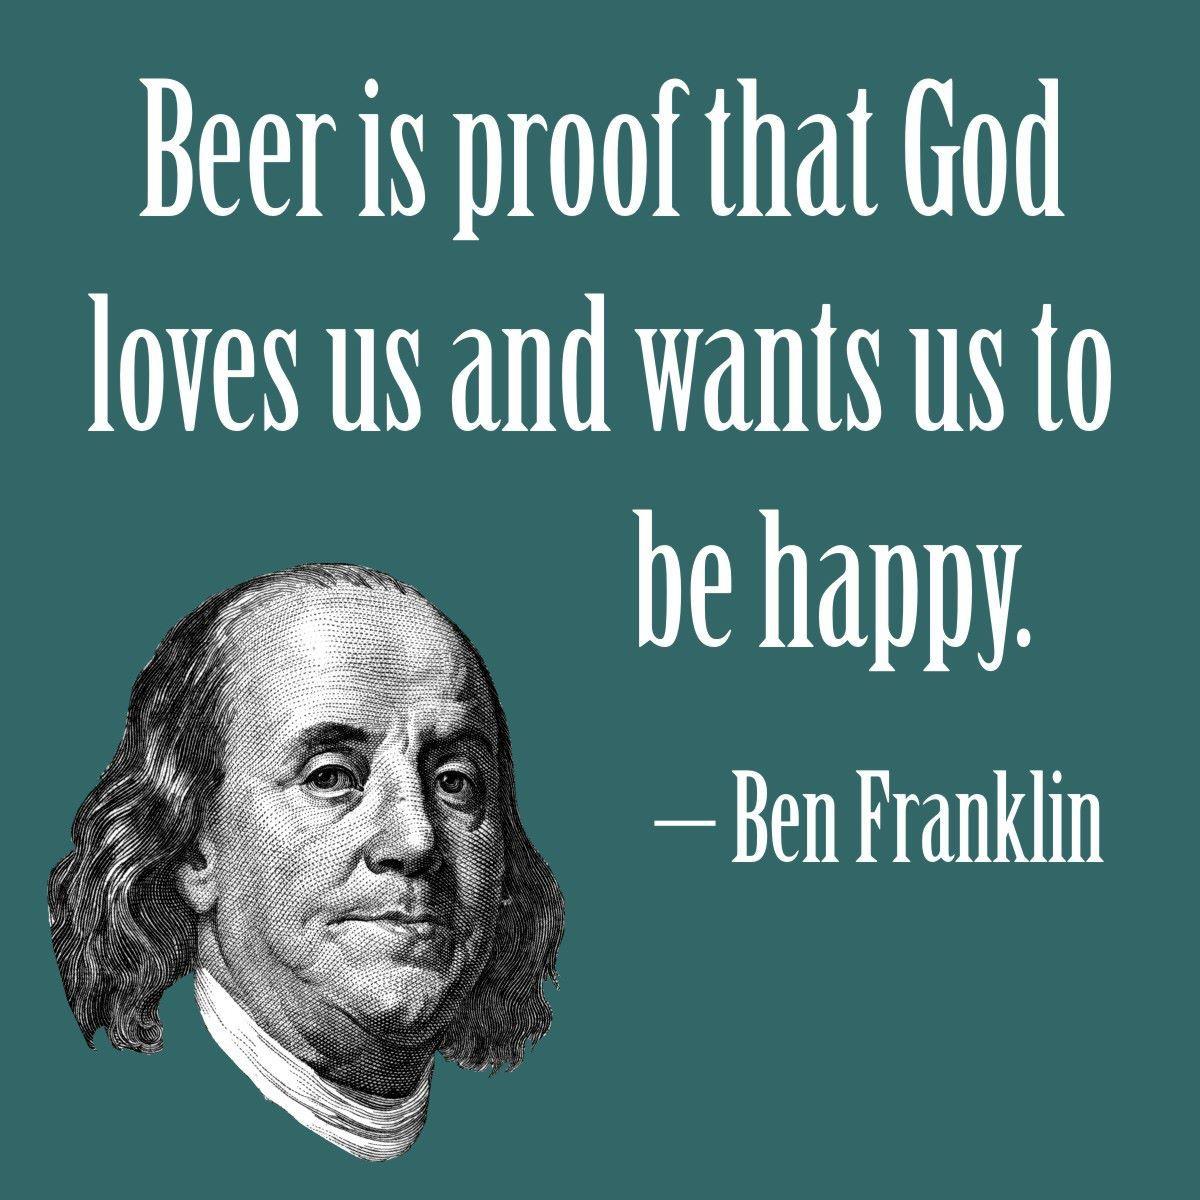 POSTER Benjamin Franklin Beer is proof that God loves us